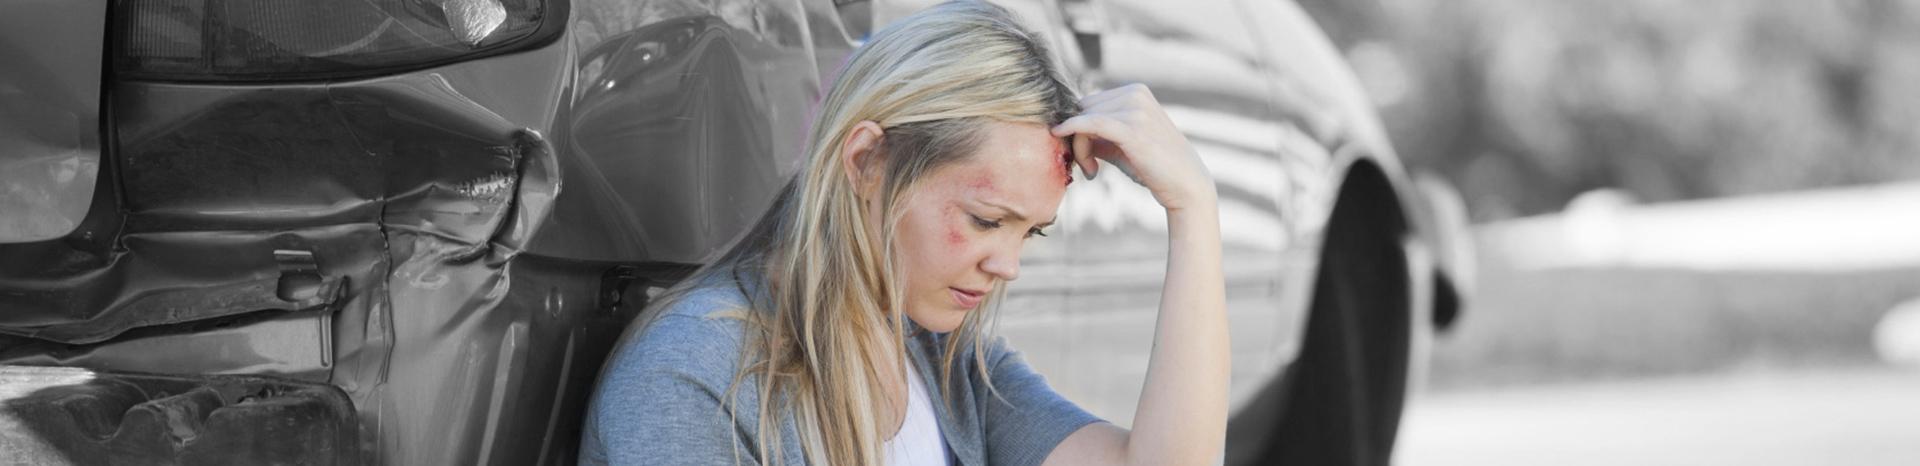 Nekklachten na auto ongeluk